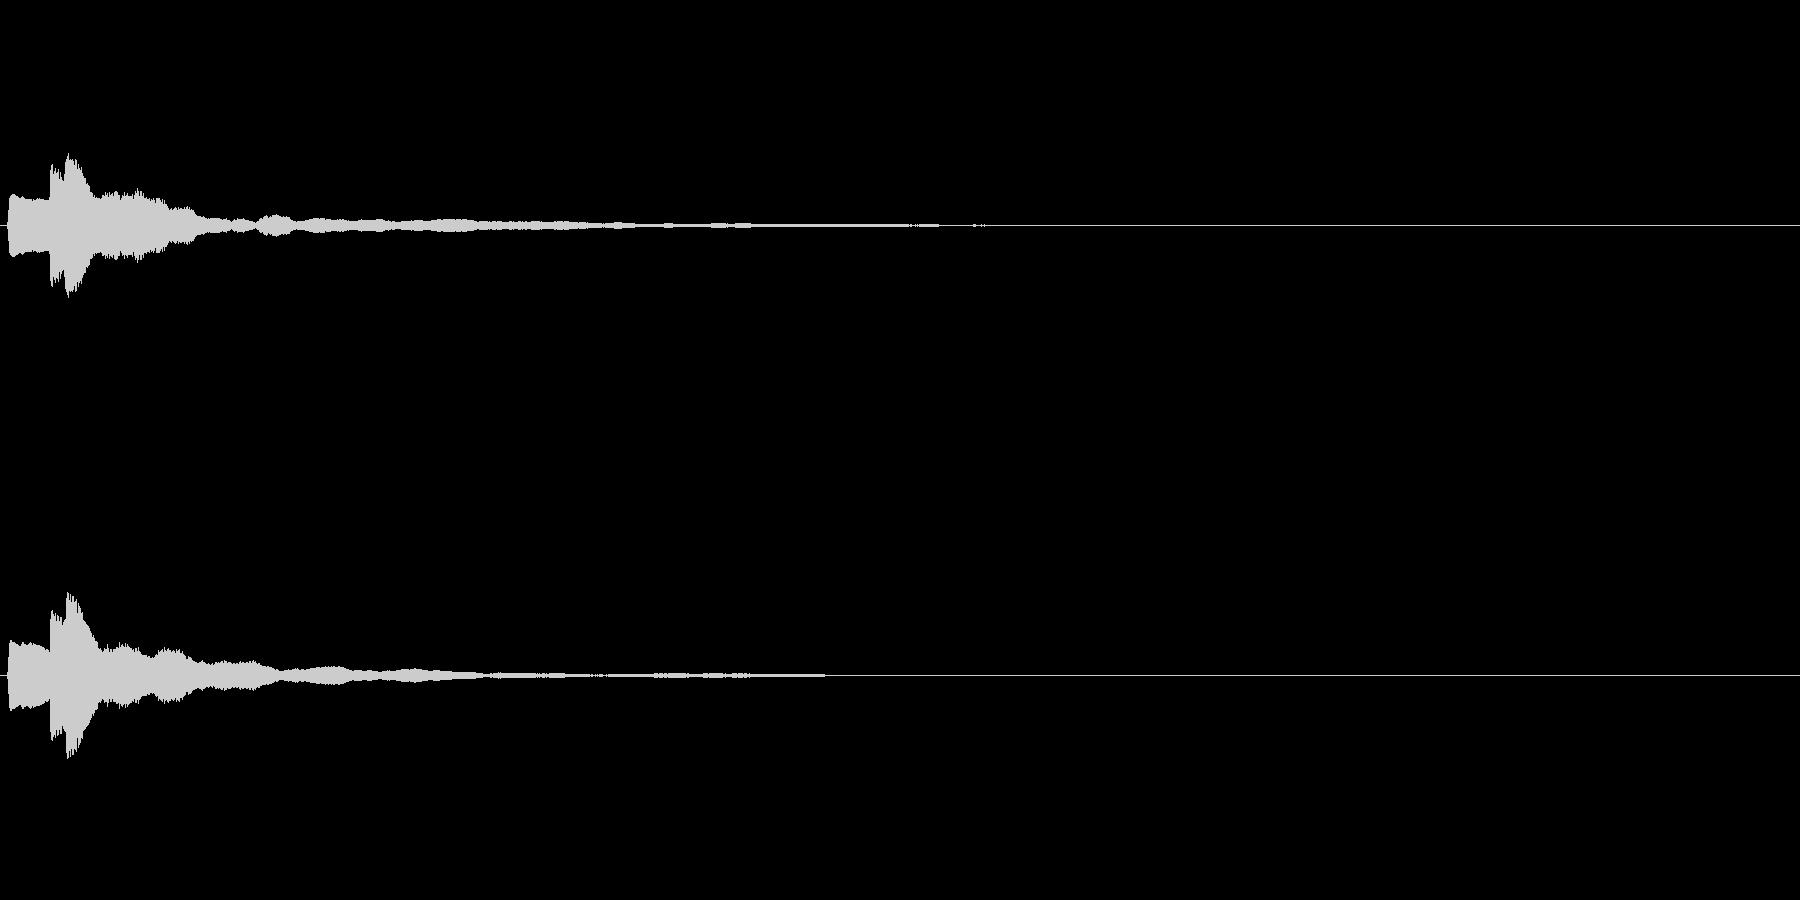 【ひらめき03-2】の未再生の波形